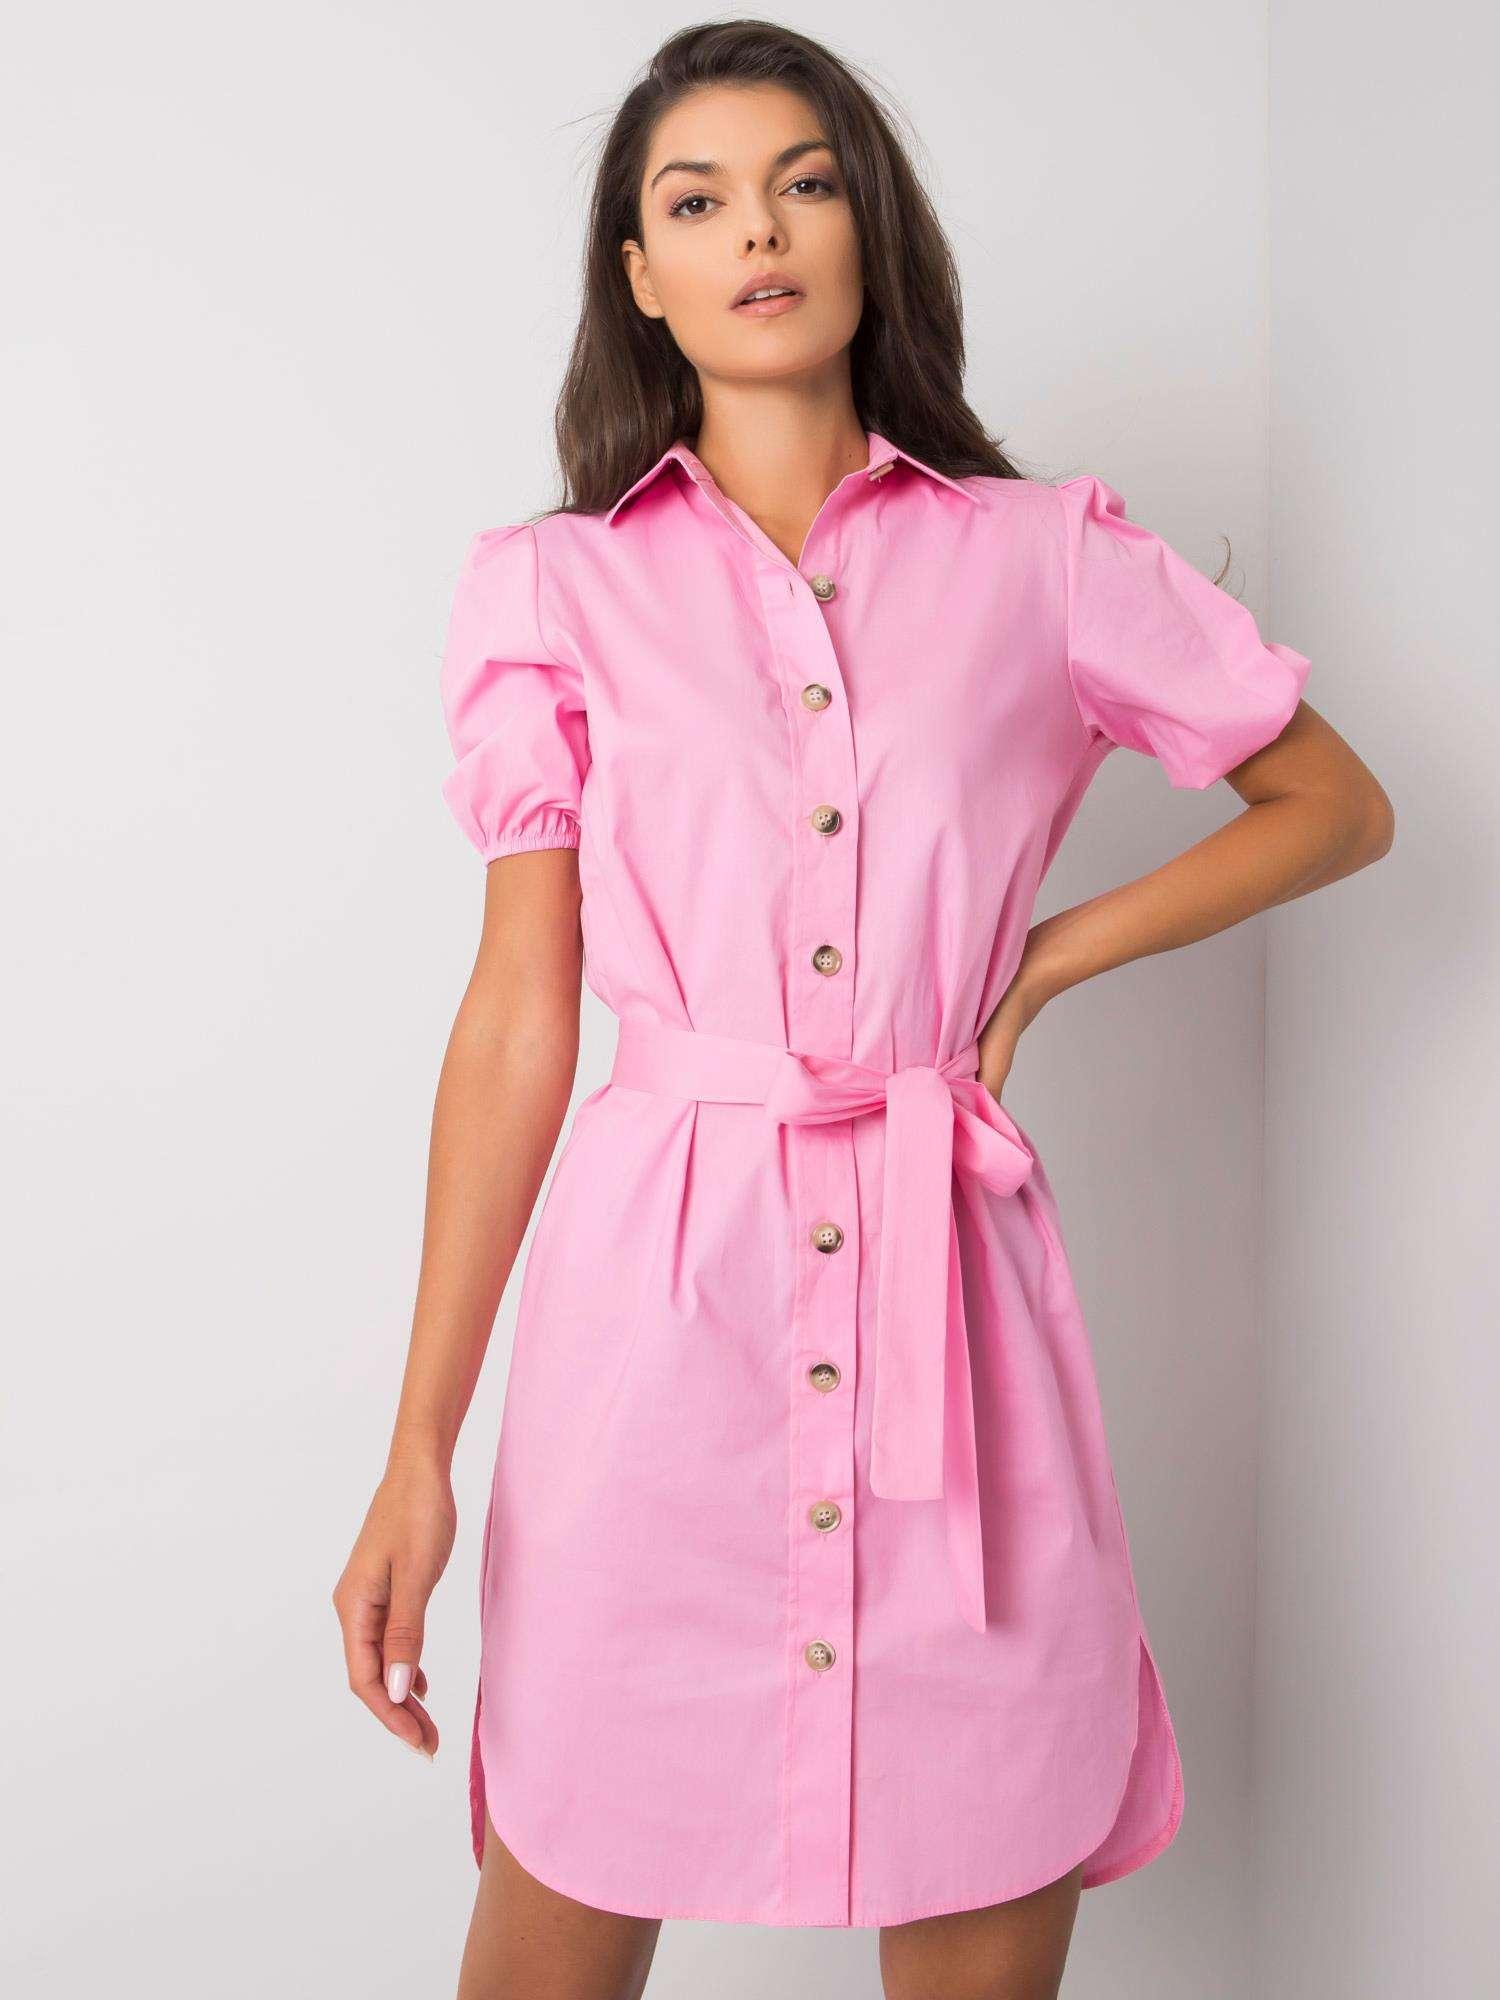 Ružové košeľové šaty s krátkym rukávom - 42